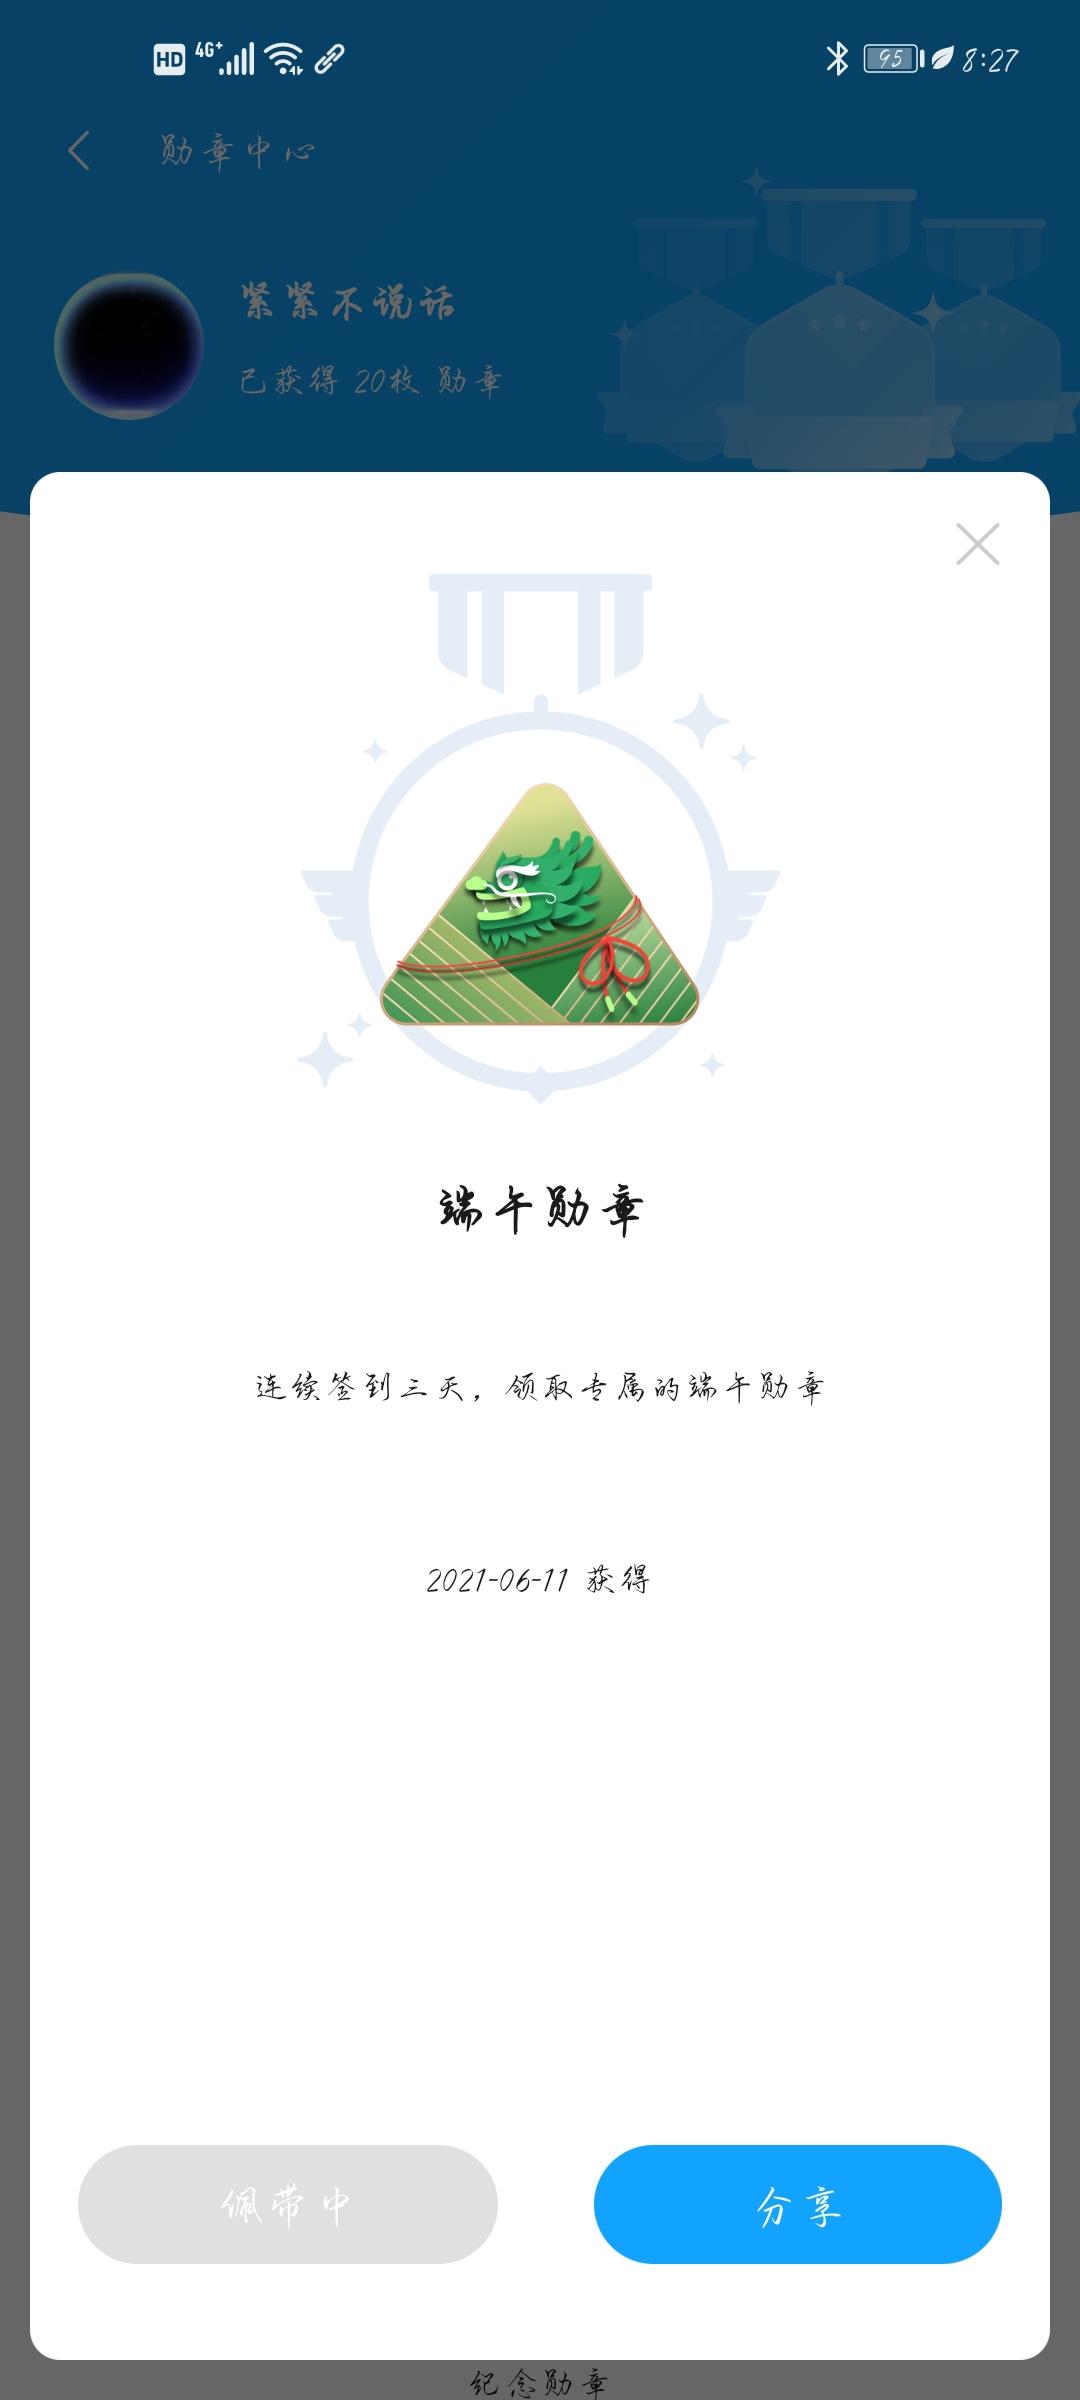 Screenshot_20210611_202702_com.huawei.fans.jpg